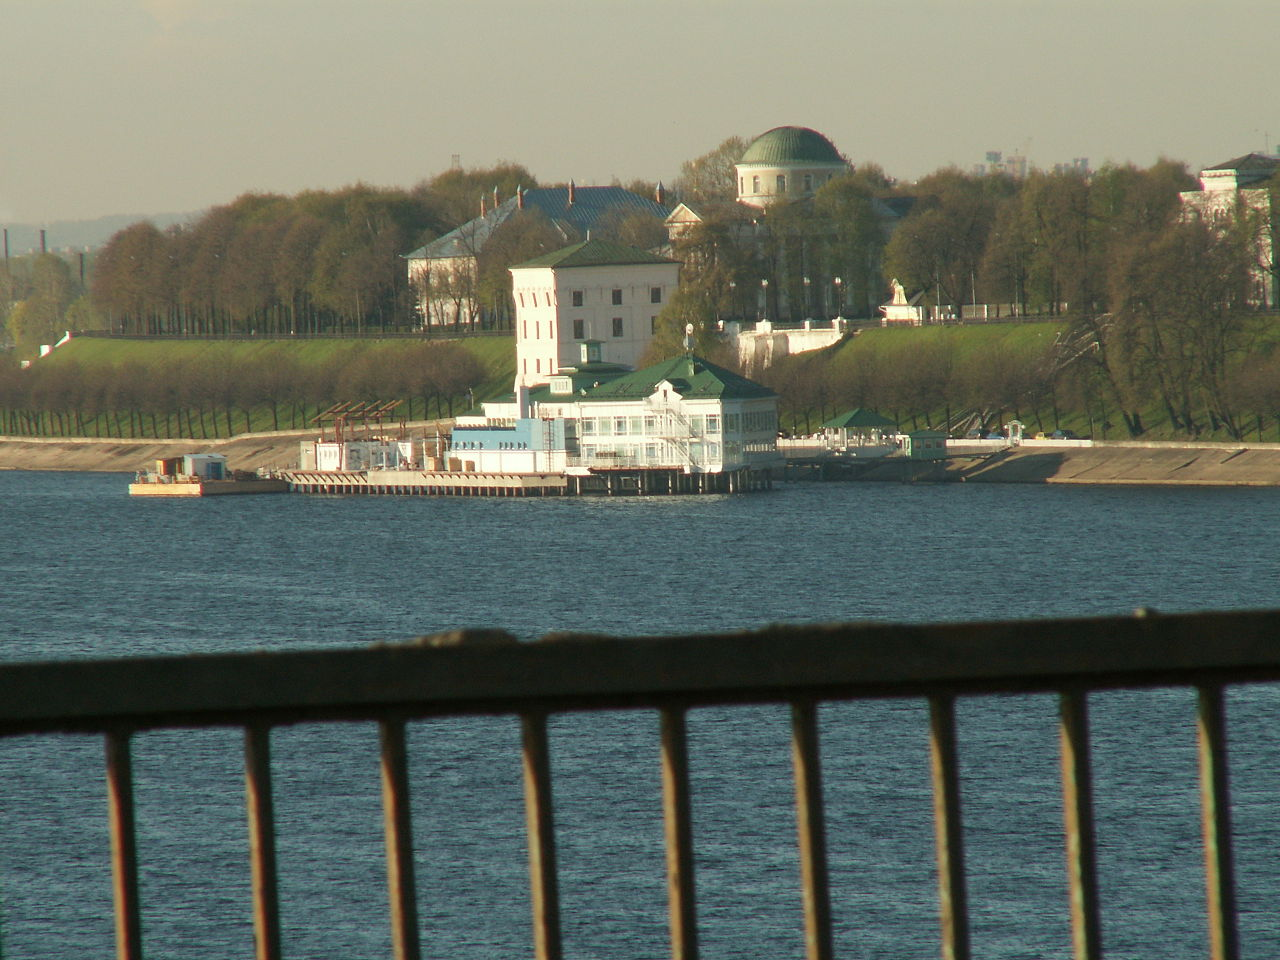 Волжская набережная, вид на Волжскую башню и Митрополичьи палаты